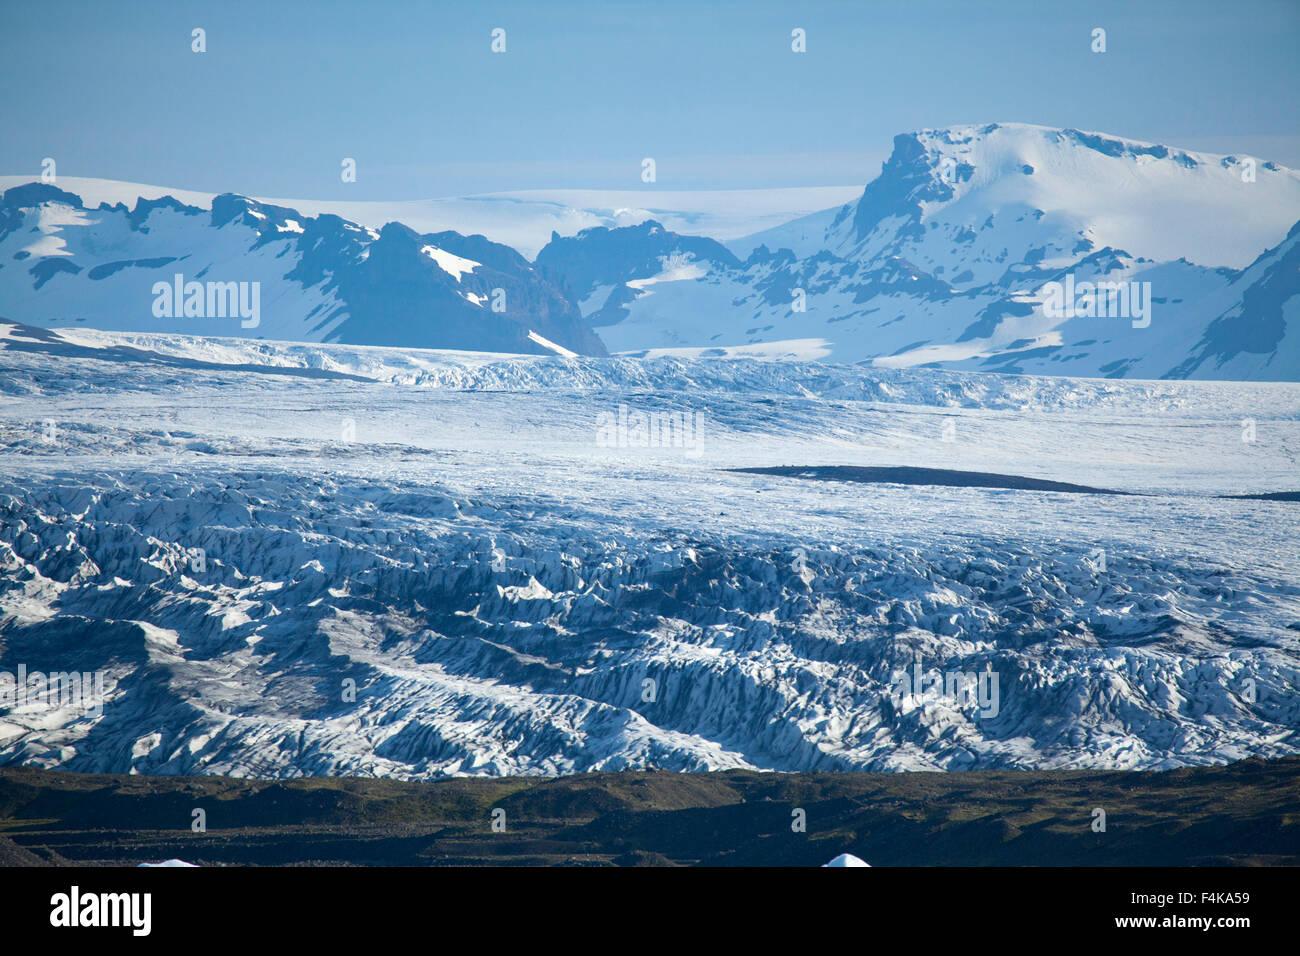 Fjallsjokull glacier, an offshoot of the Vatnajokull ice cap. Vatnajokull National Park, Sudhurland, Iceland. - Stock Image